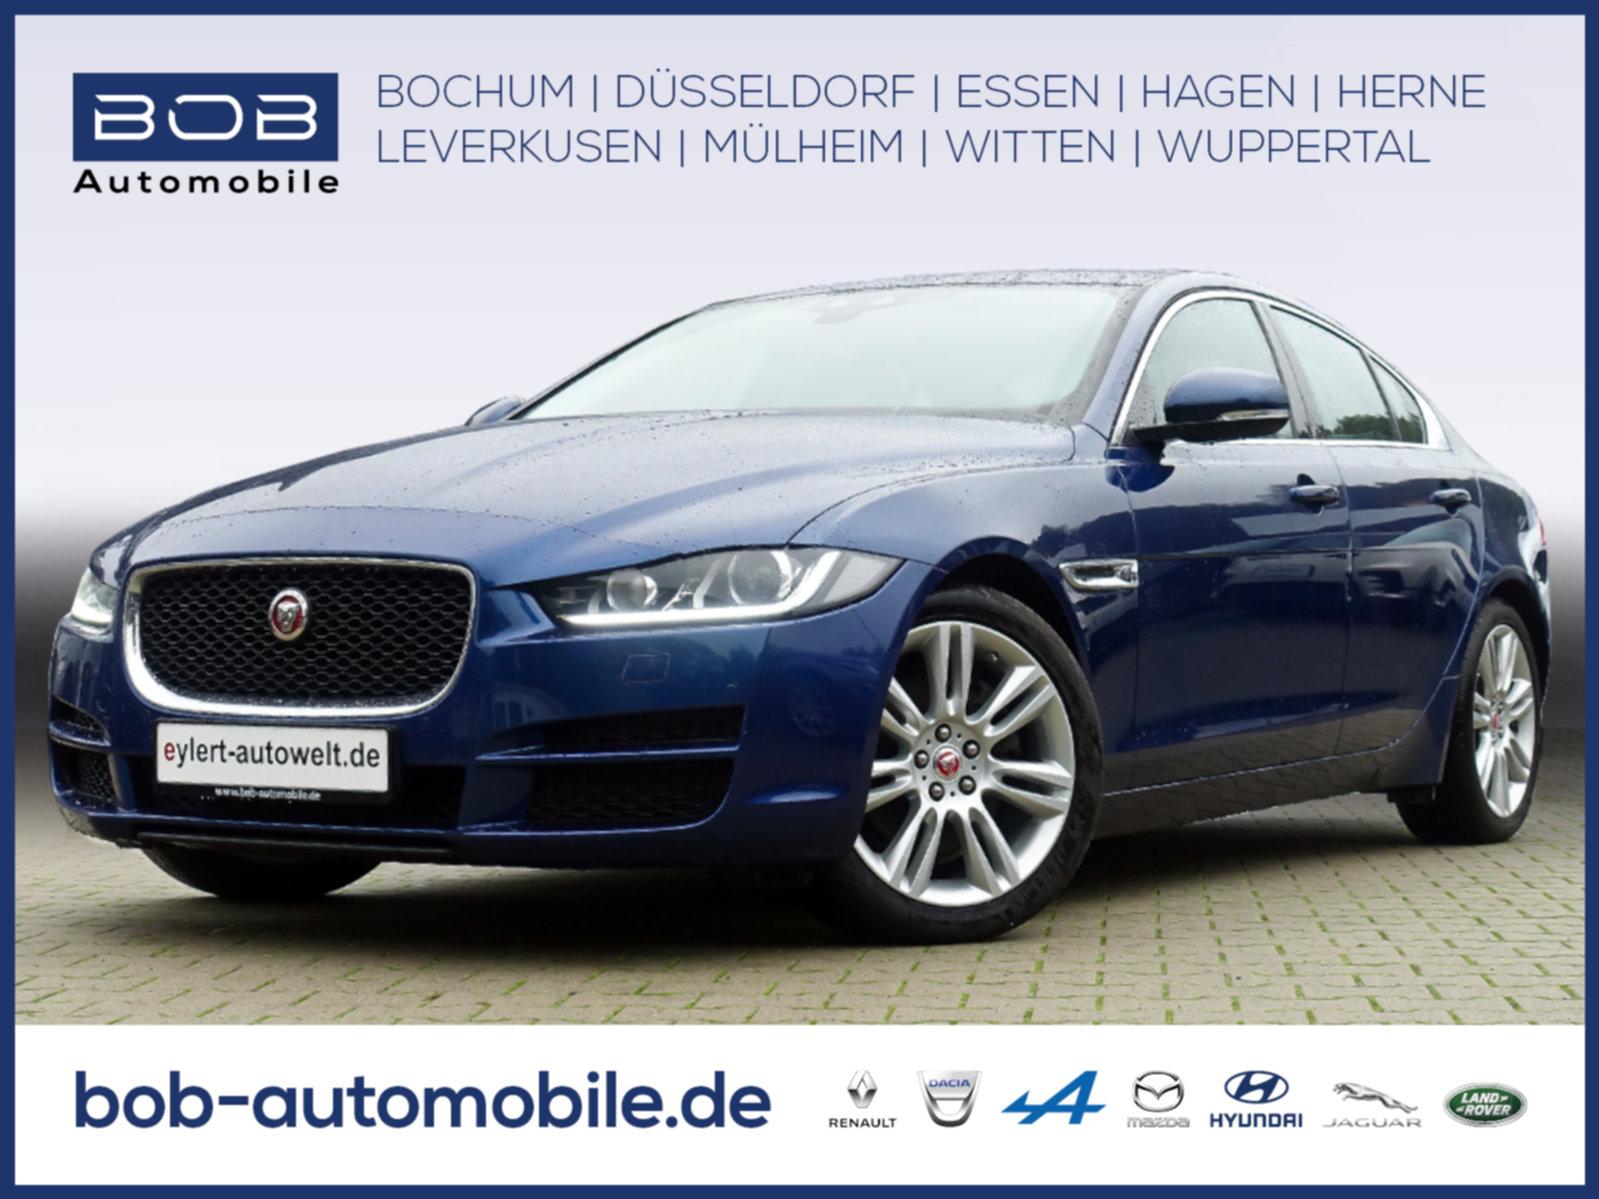 Jaguar XE 20d Aut. Prestige XENON KLIMA LM-Felgen BT ZV, Jahr 2016, Diesel